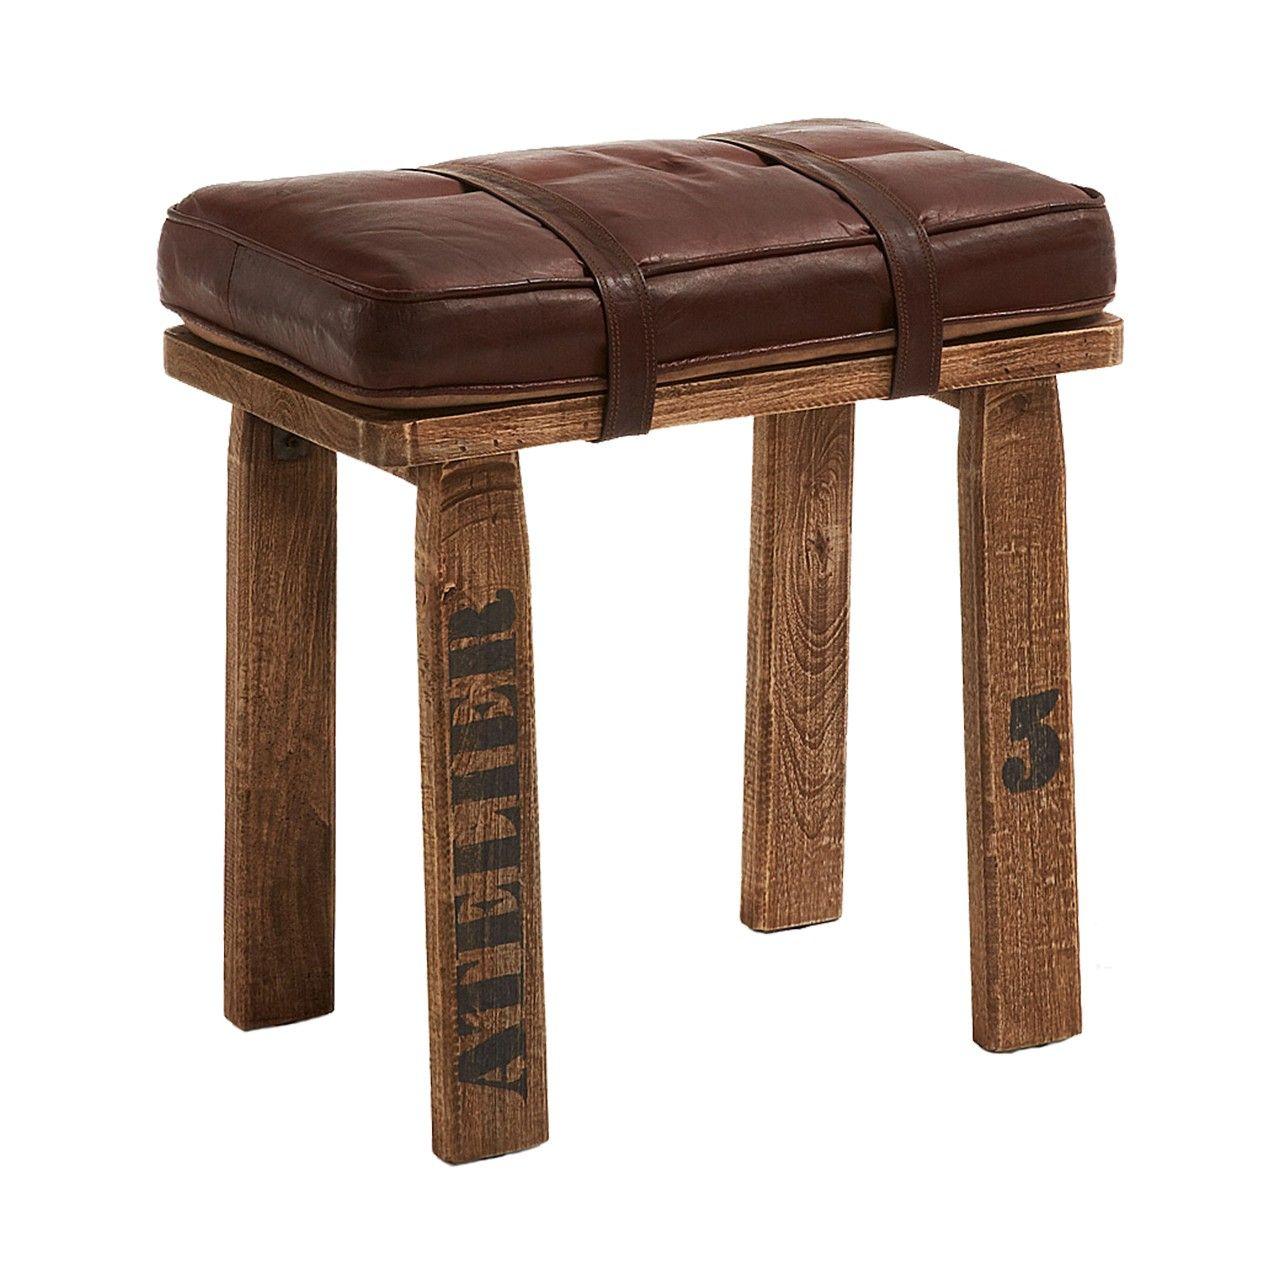 Banqueta en #madera con asiento en #cuero color marrón | banqueta ...